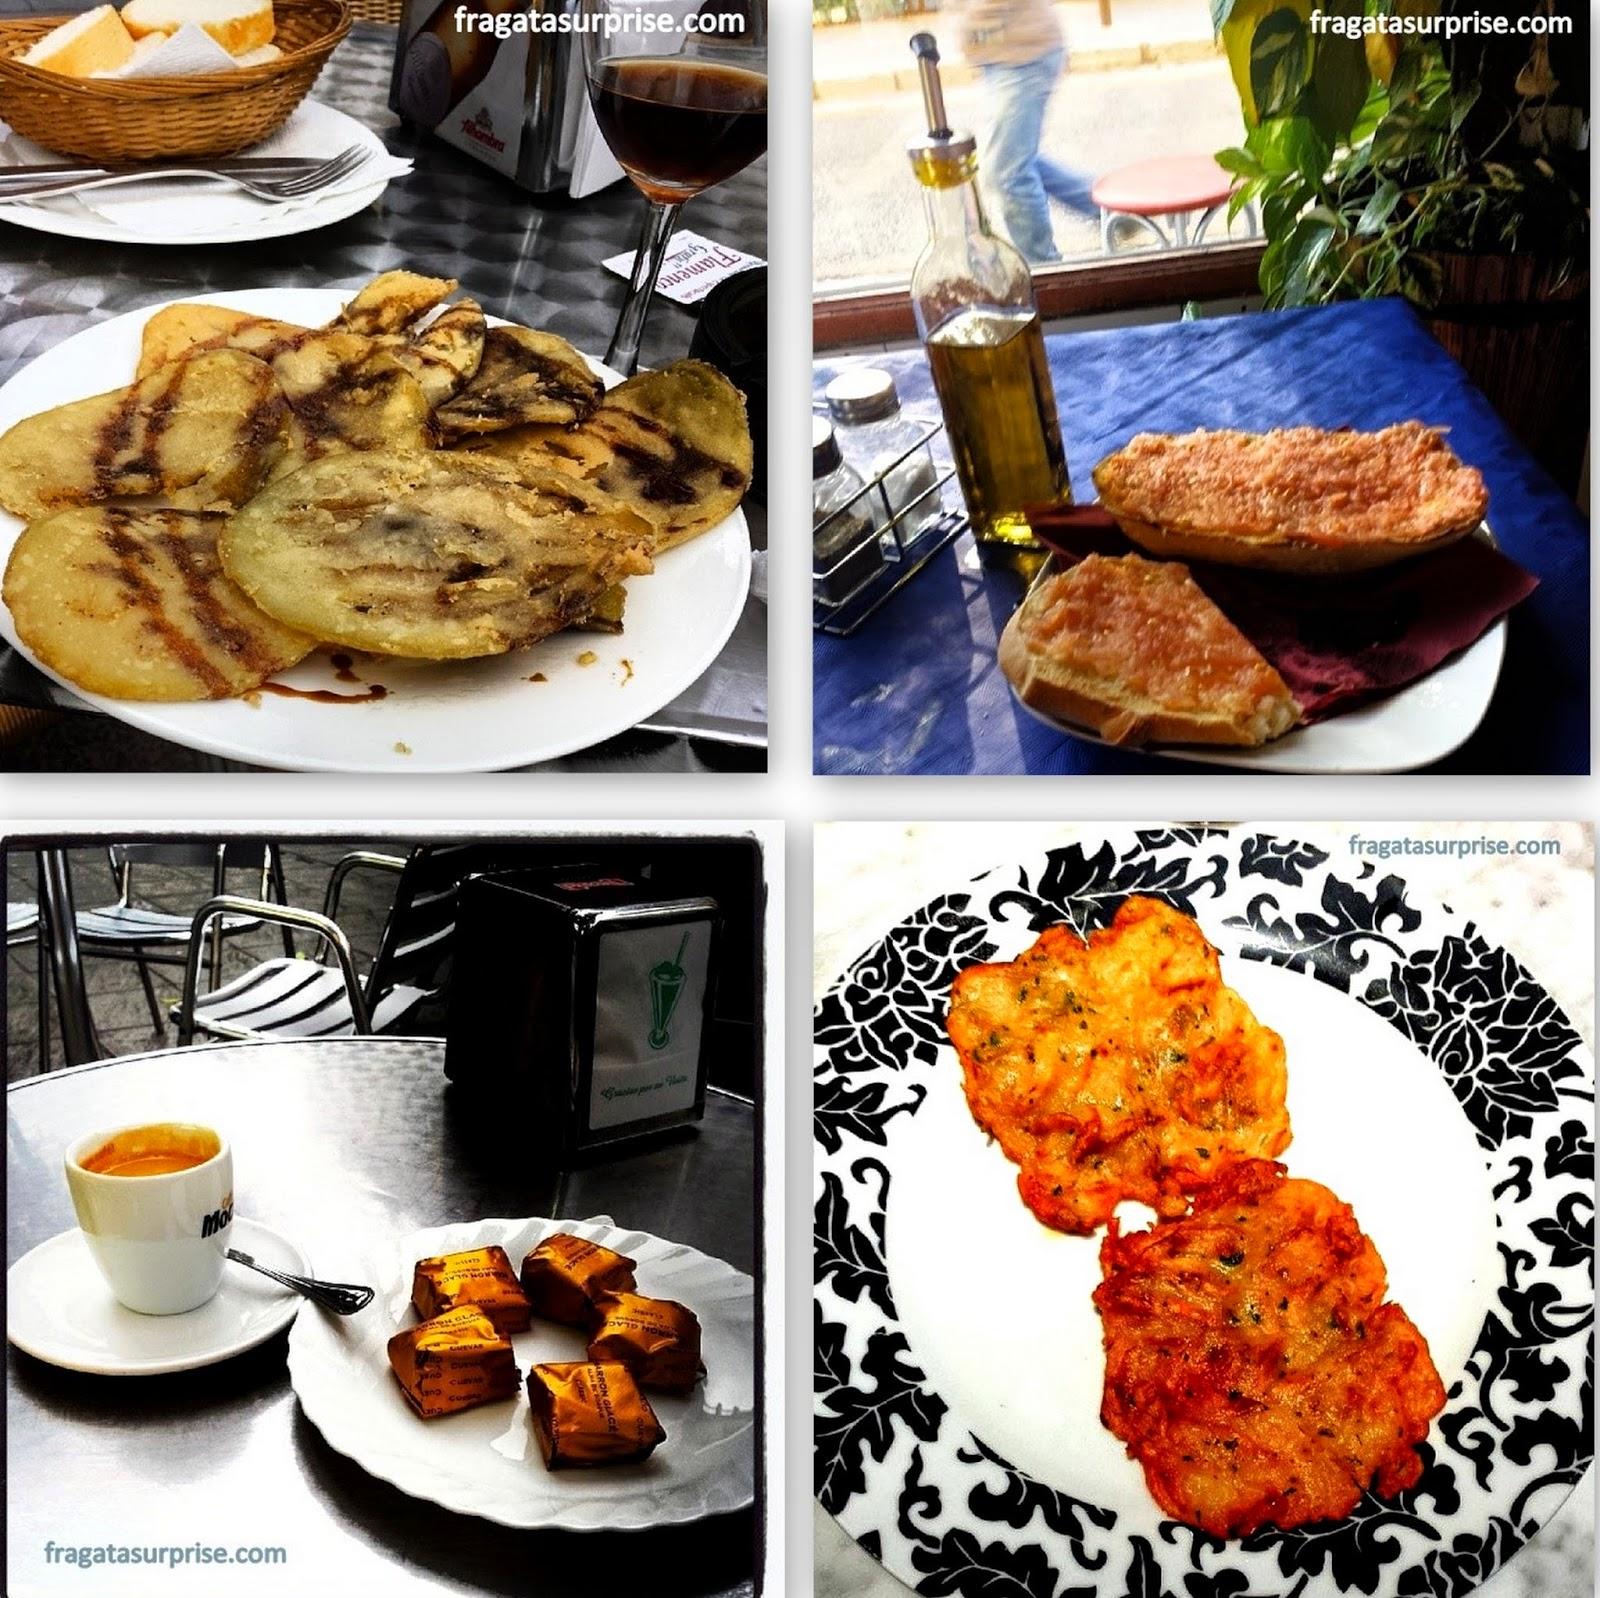 berinjelas, pão com tomate, marrons glacê e tortilhas de camarão